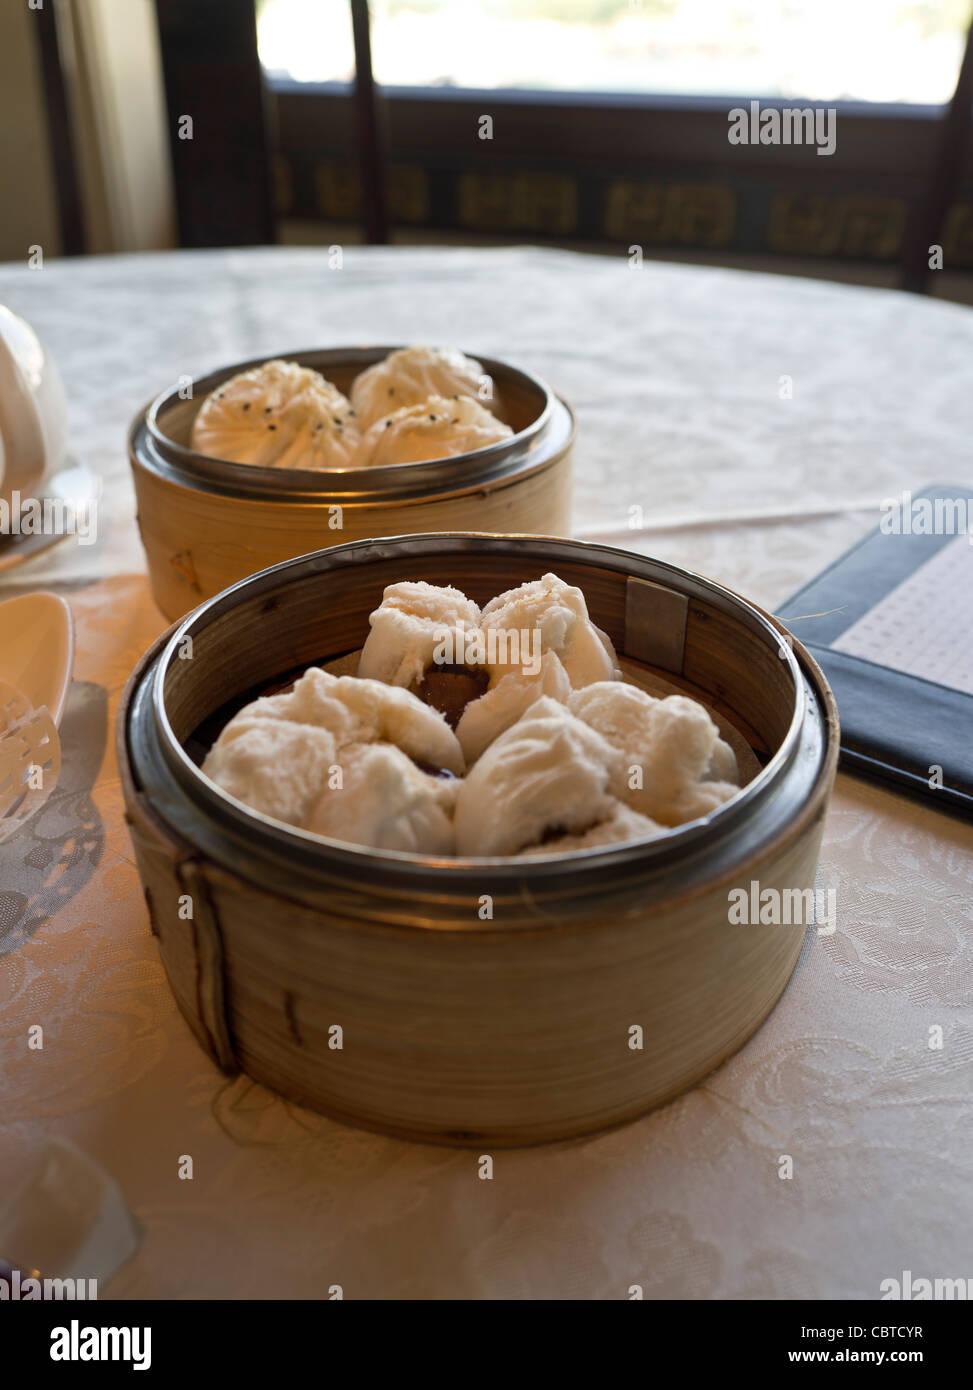 dh jumbo floating restaurant aberdeen hong kong chinese dim sum bun